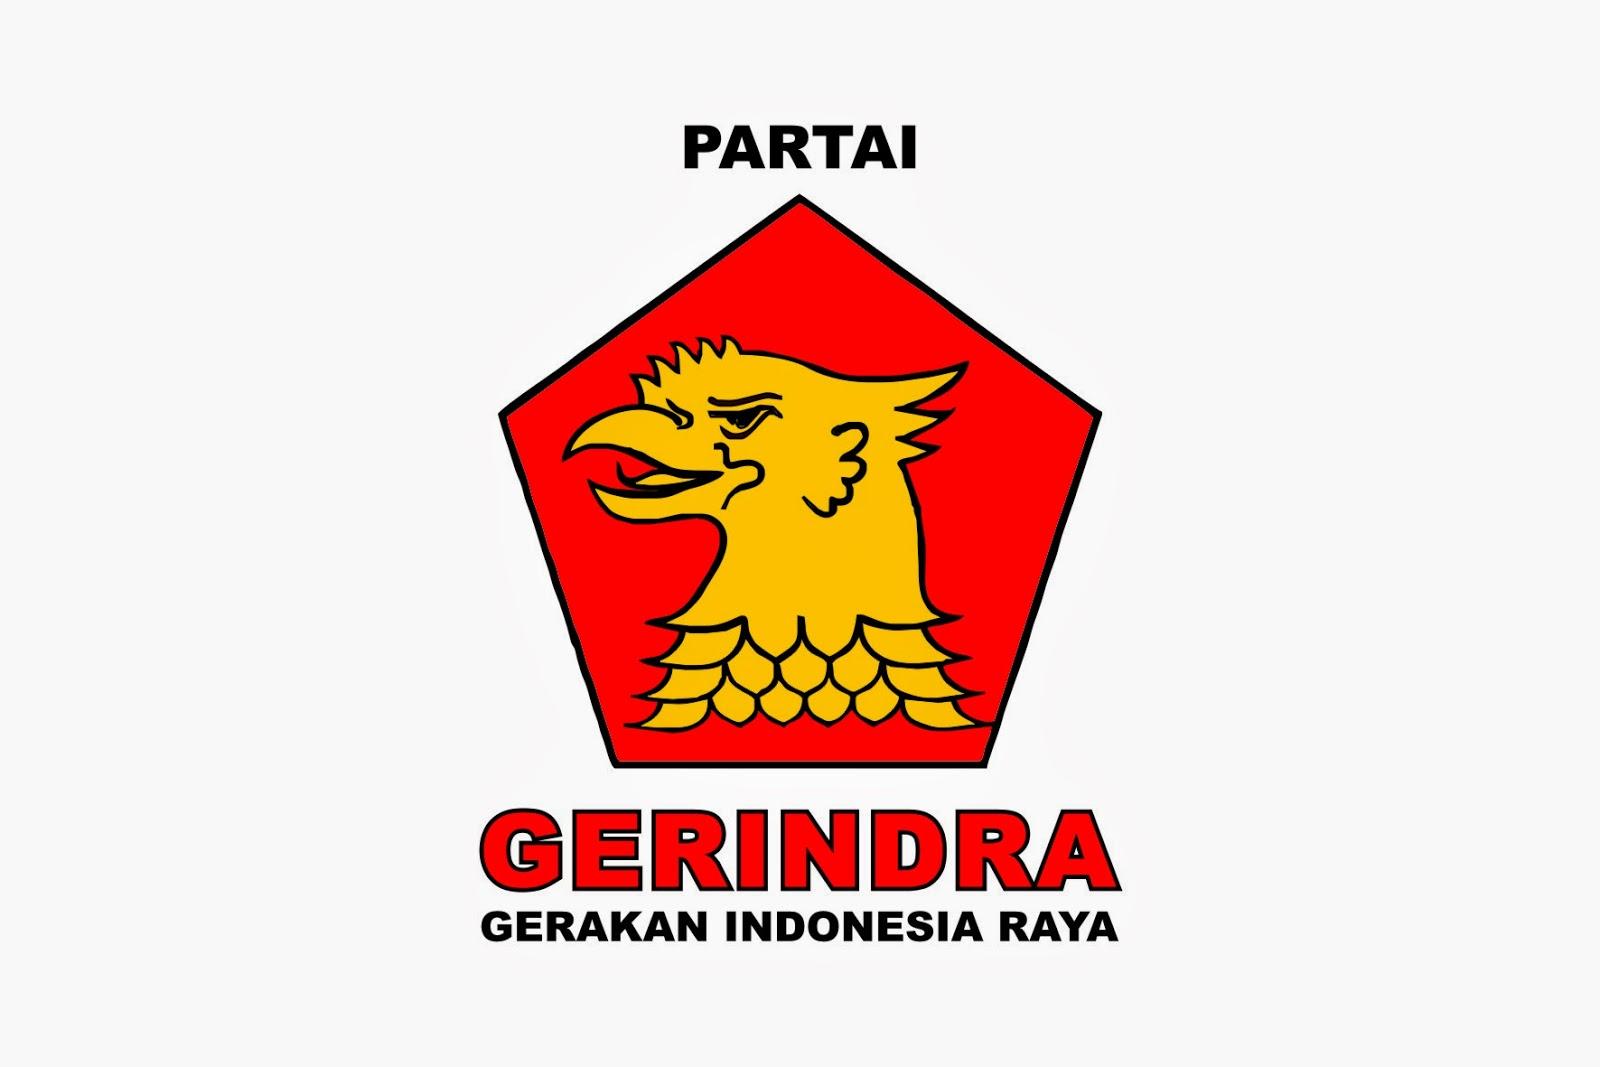 Partai Gerindra Logo | Logo-Share